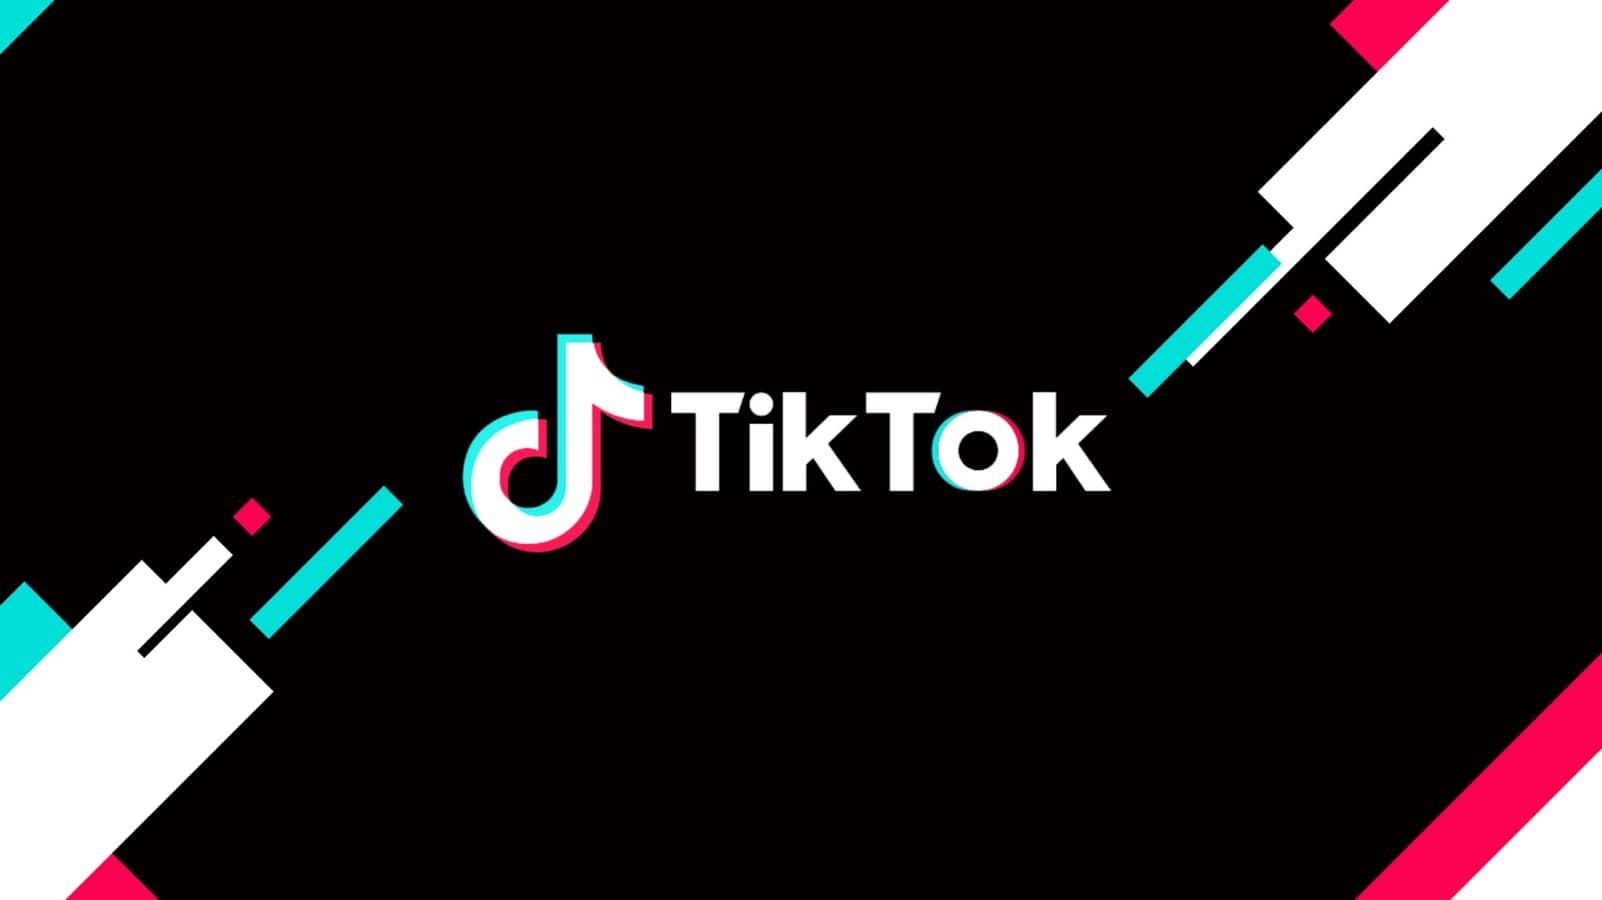 O número se torna ainda mais impressionante, se levar em consideração que o TikTok surgiu em agosto de 2018.